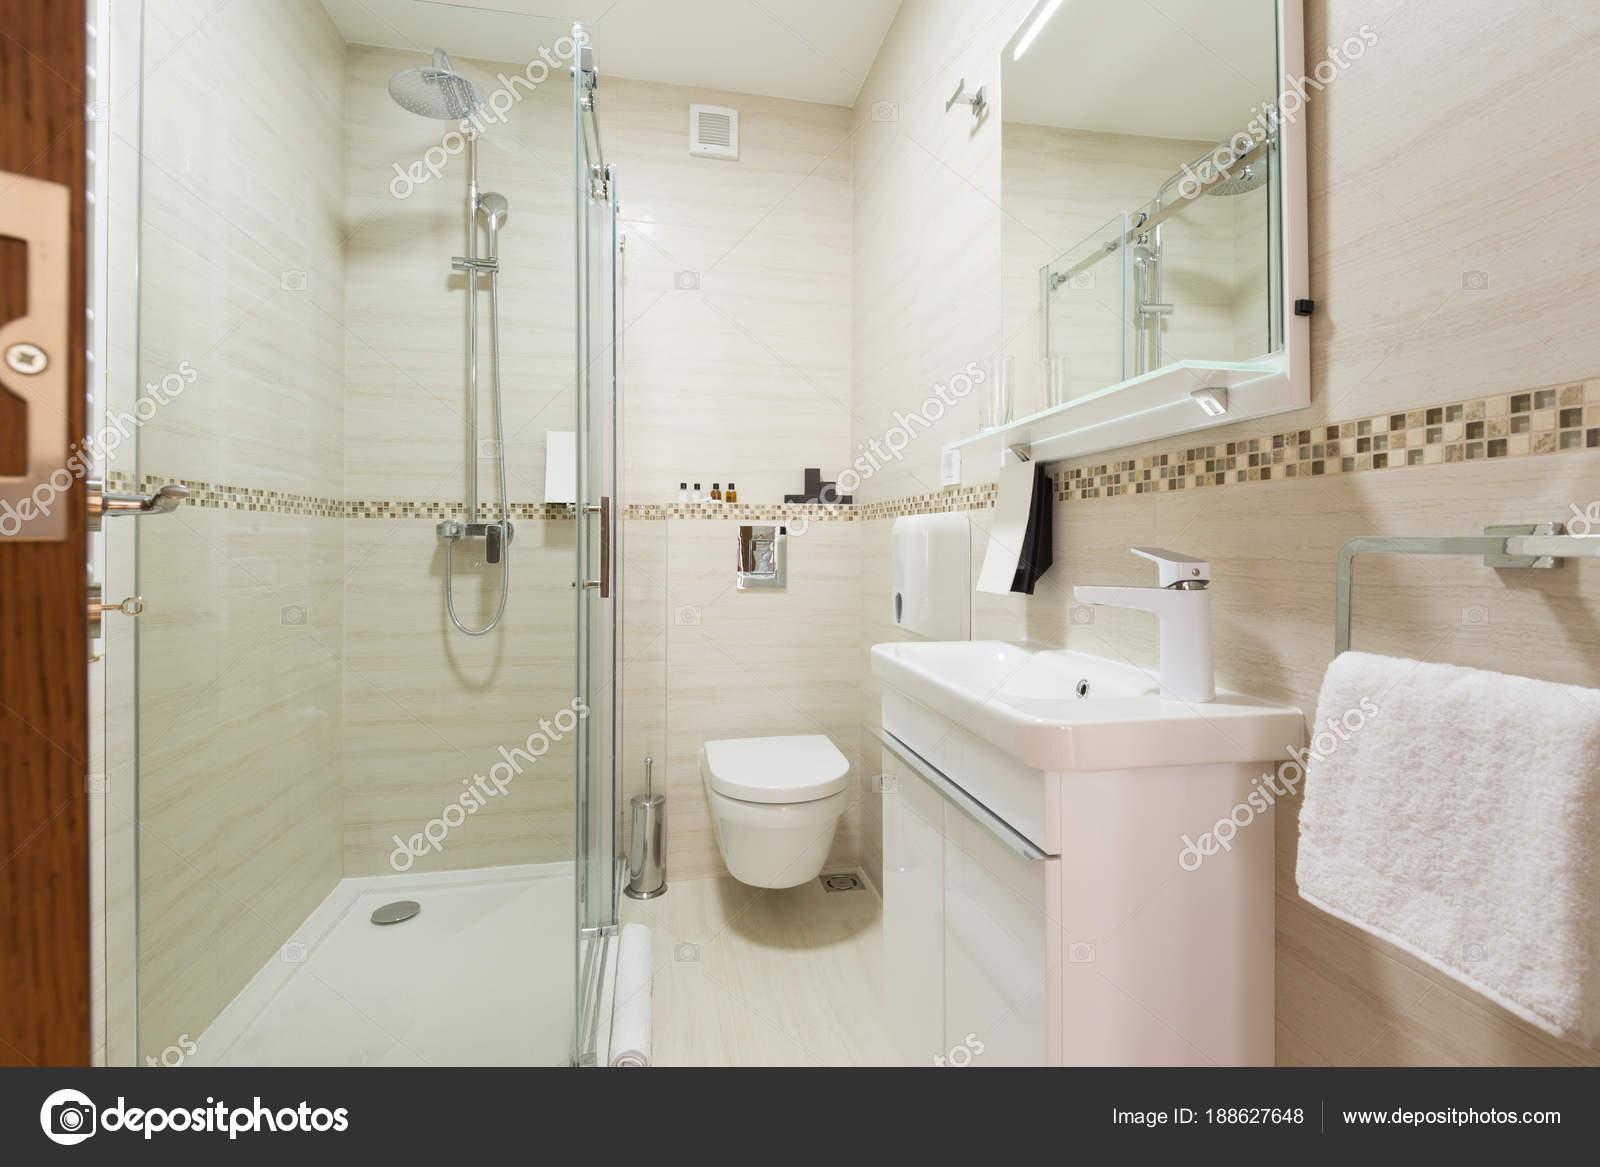 Innenraum eines Hotel-Badezimmer mit Duschkabine — Stockfoto ...